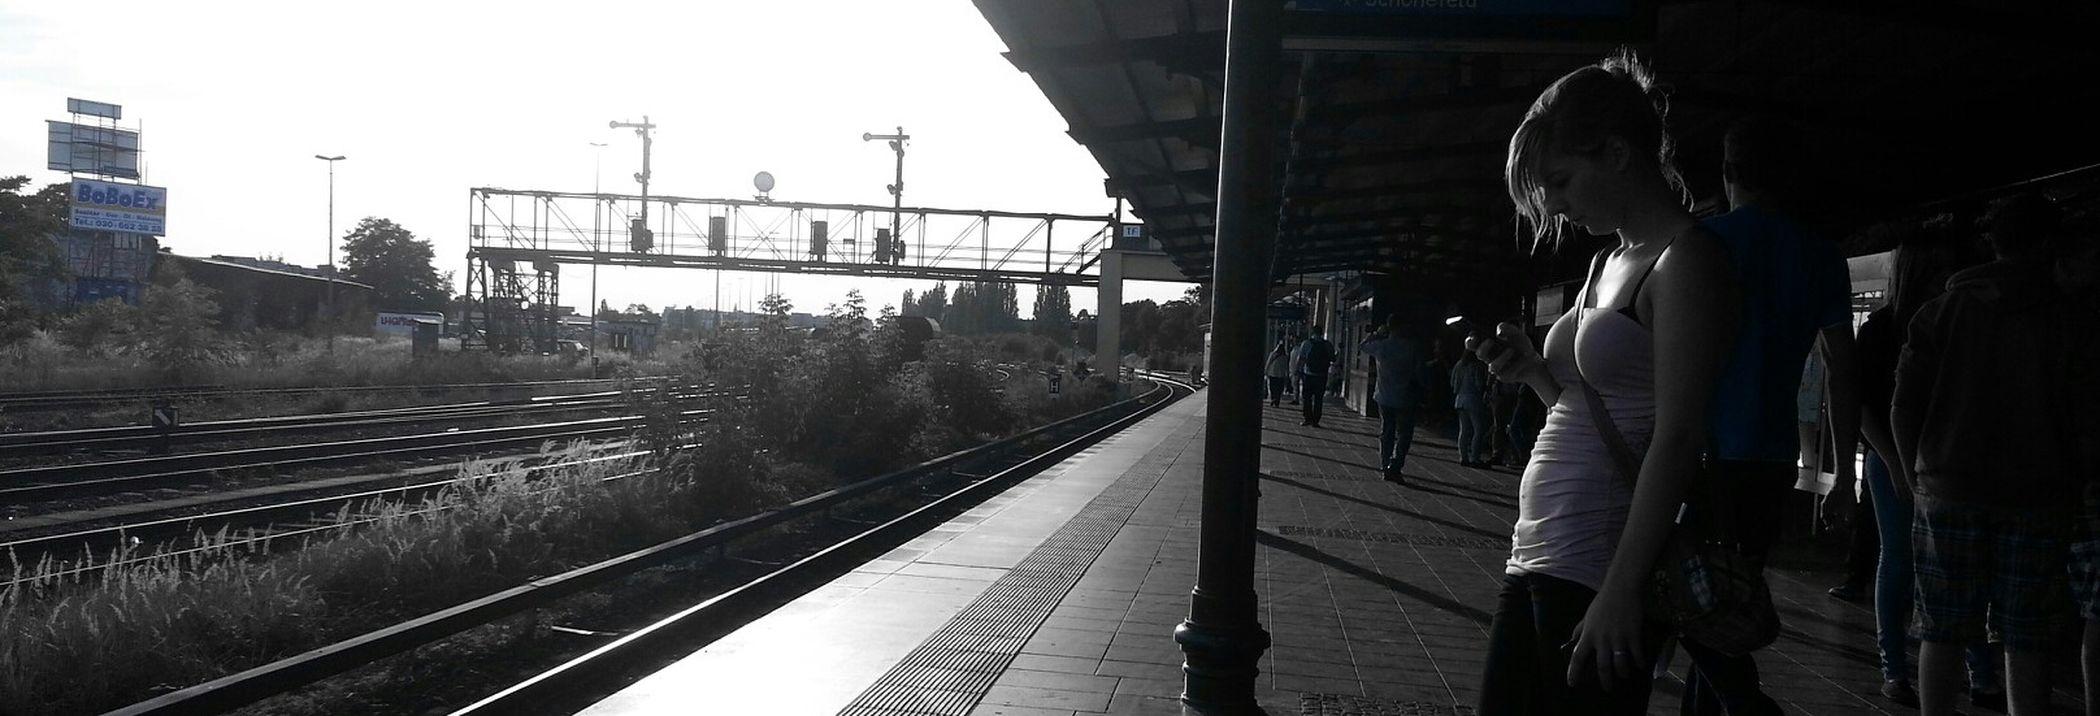 Auf Die Sbahn Warten Light And Shadow Beautiful Day Amazing View